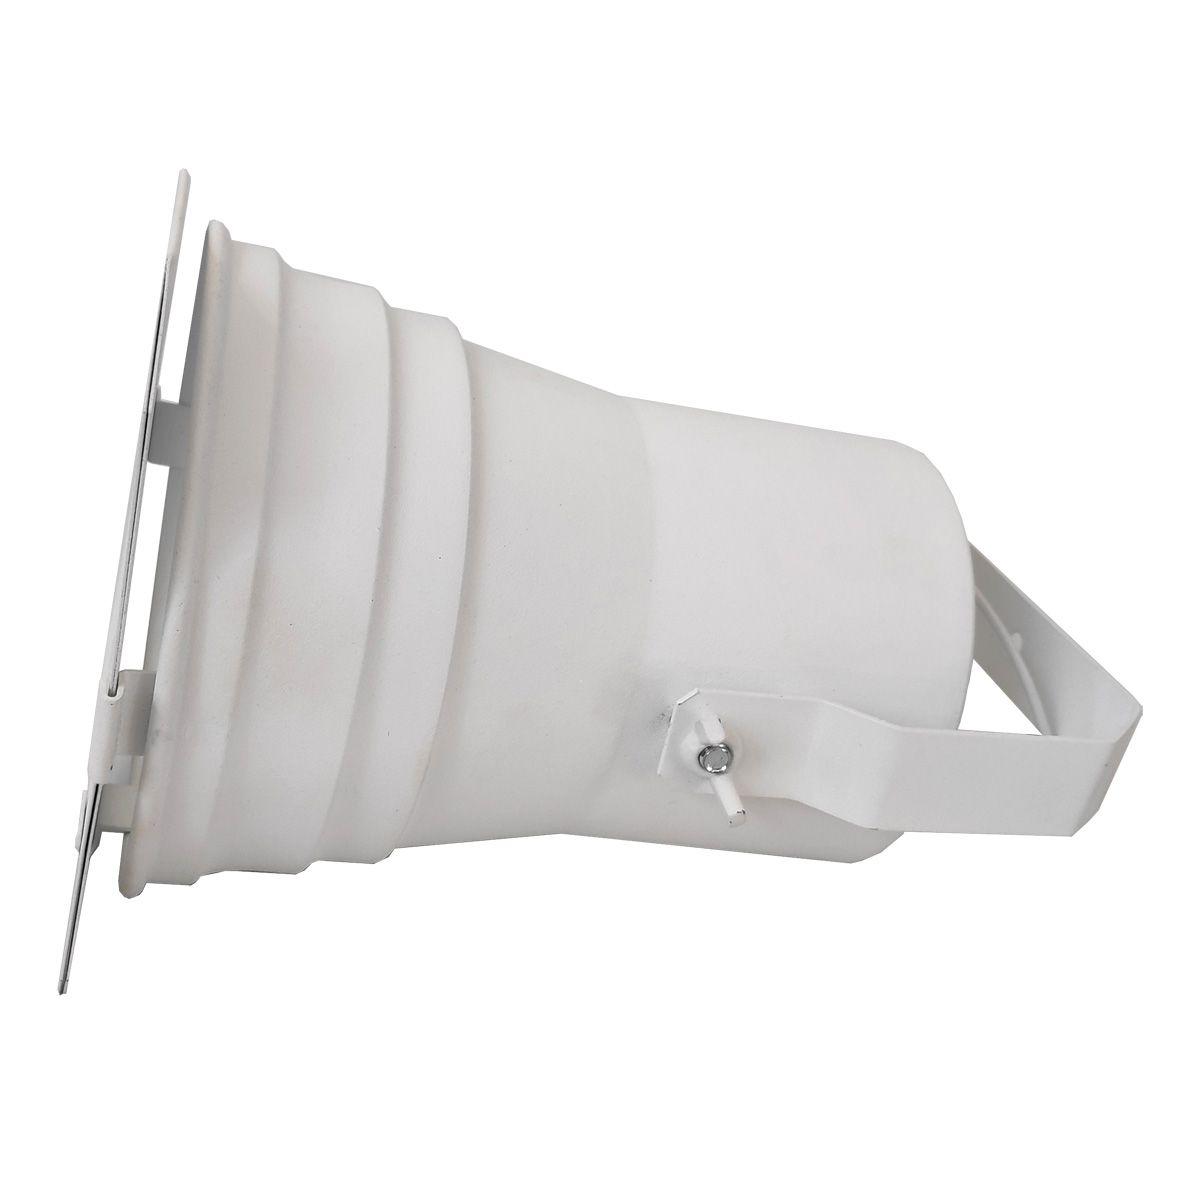 Spot Cênico Projetor Canhão Par38 Branco Com Haste E Porta Gelatina